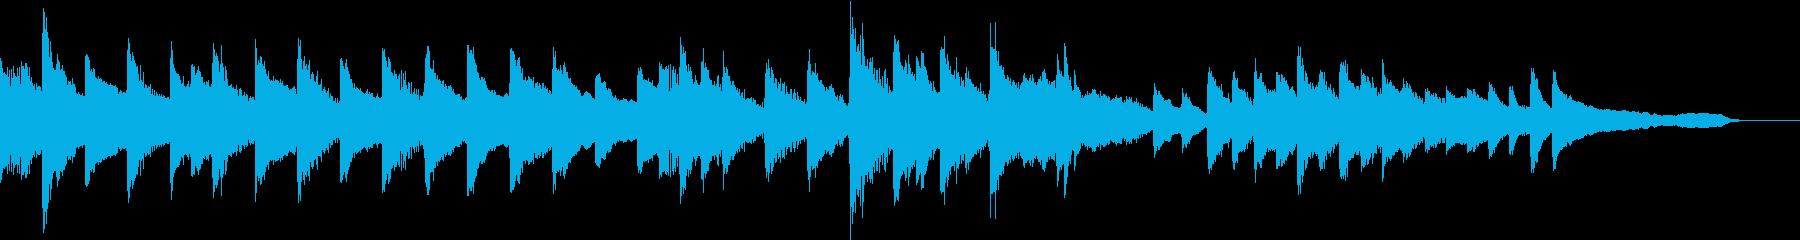 気高くまっすぐなバラードピアノジングルの再生済みの波形